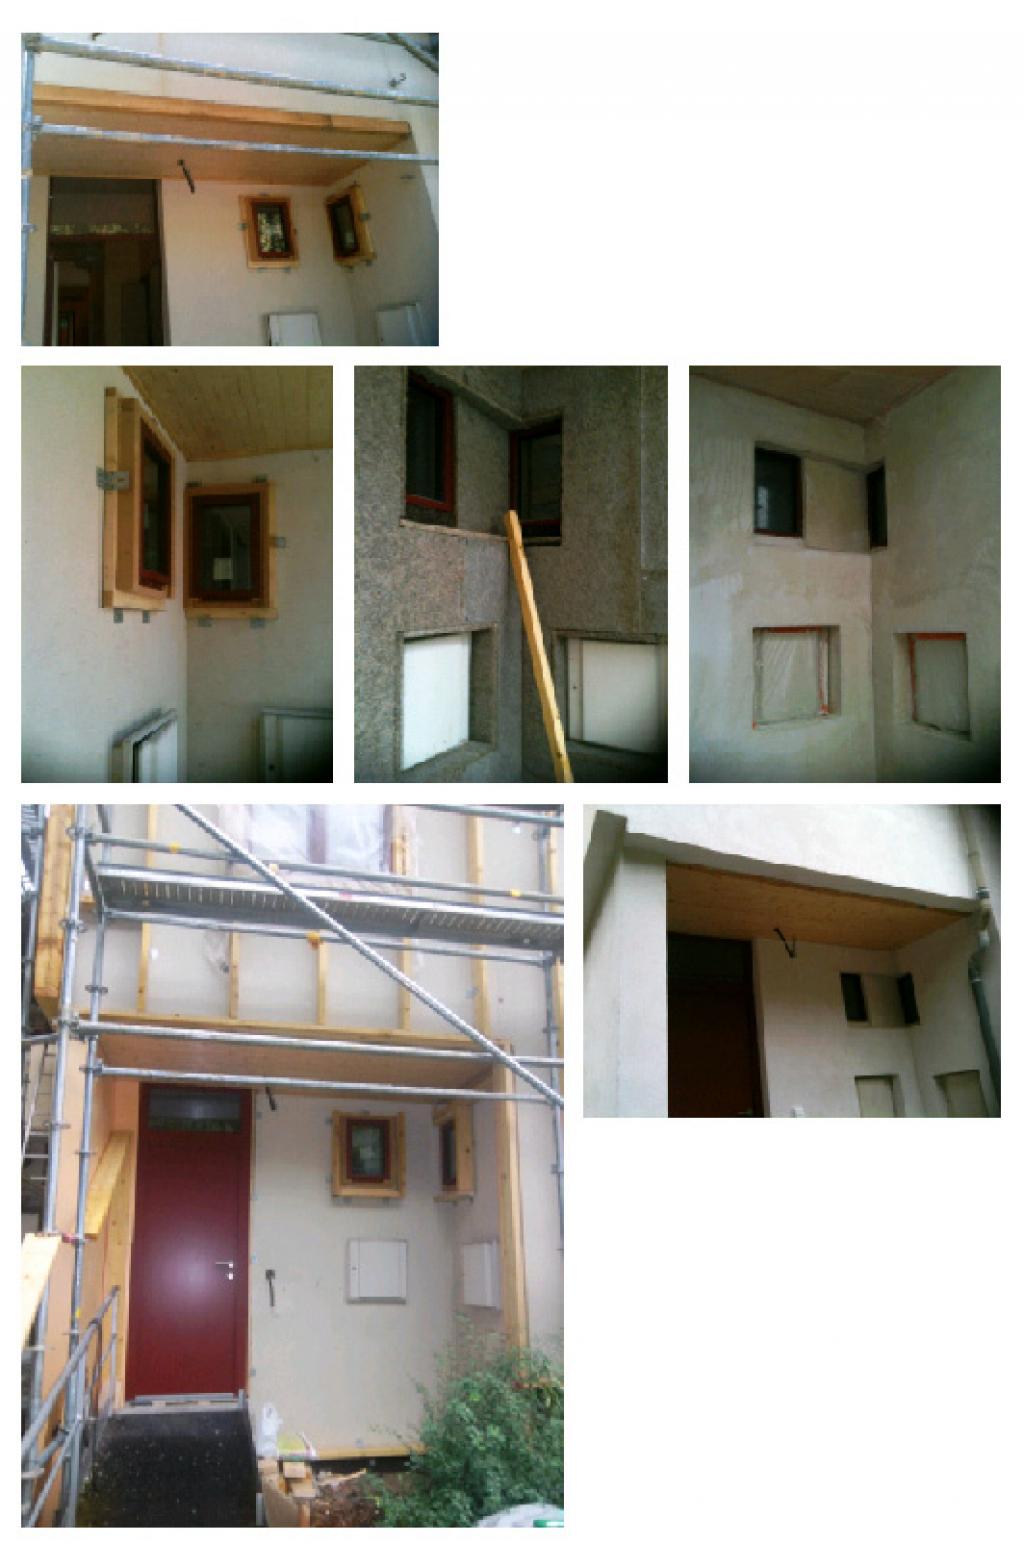 Suivi de chantier - Rénovation thermique d'une maison situé en région Grenobloise (38)